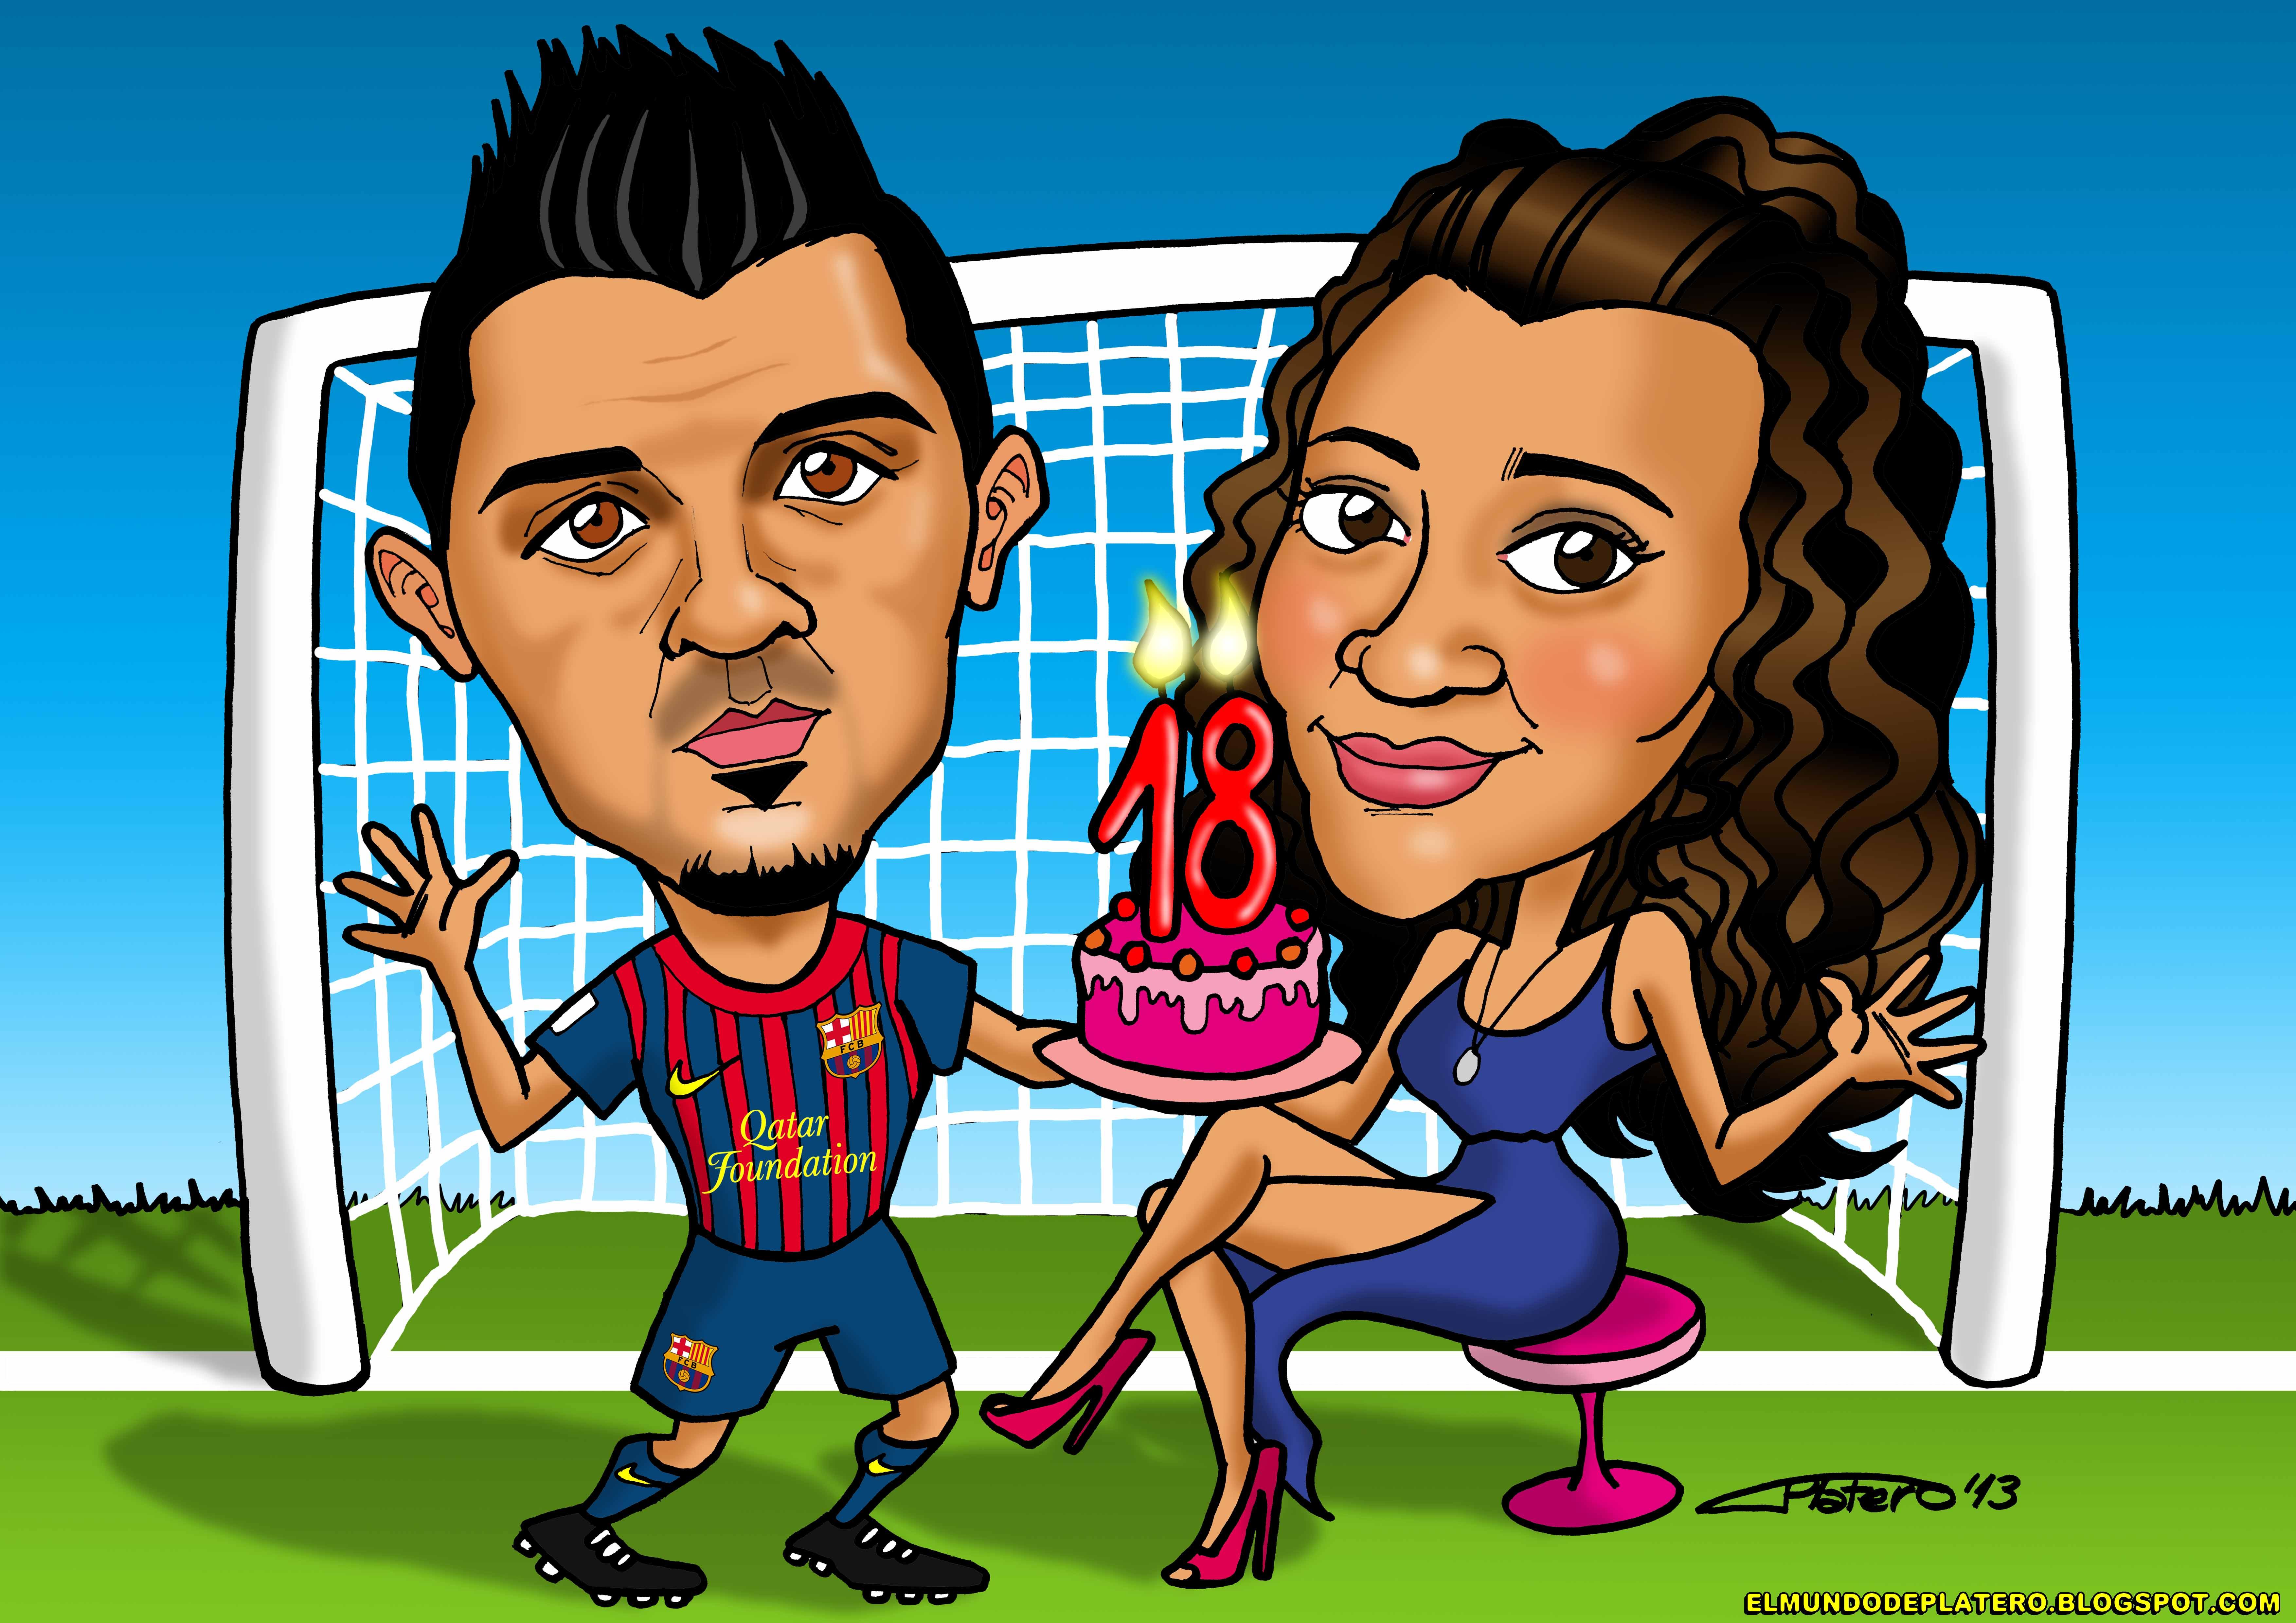 caricaturas a color por encargo personalizadas_cumpleaños david villa_elmundodep